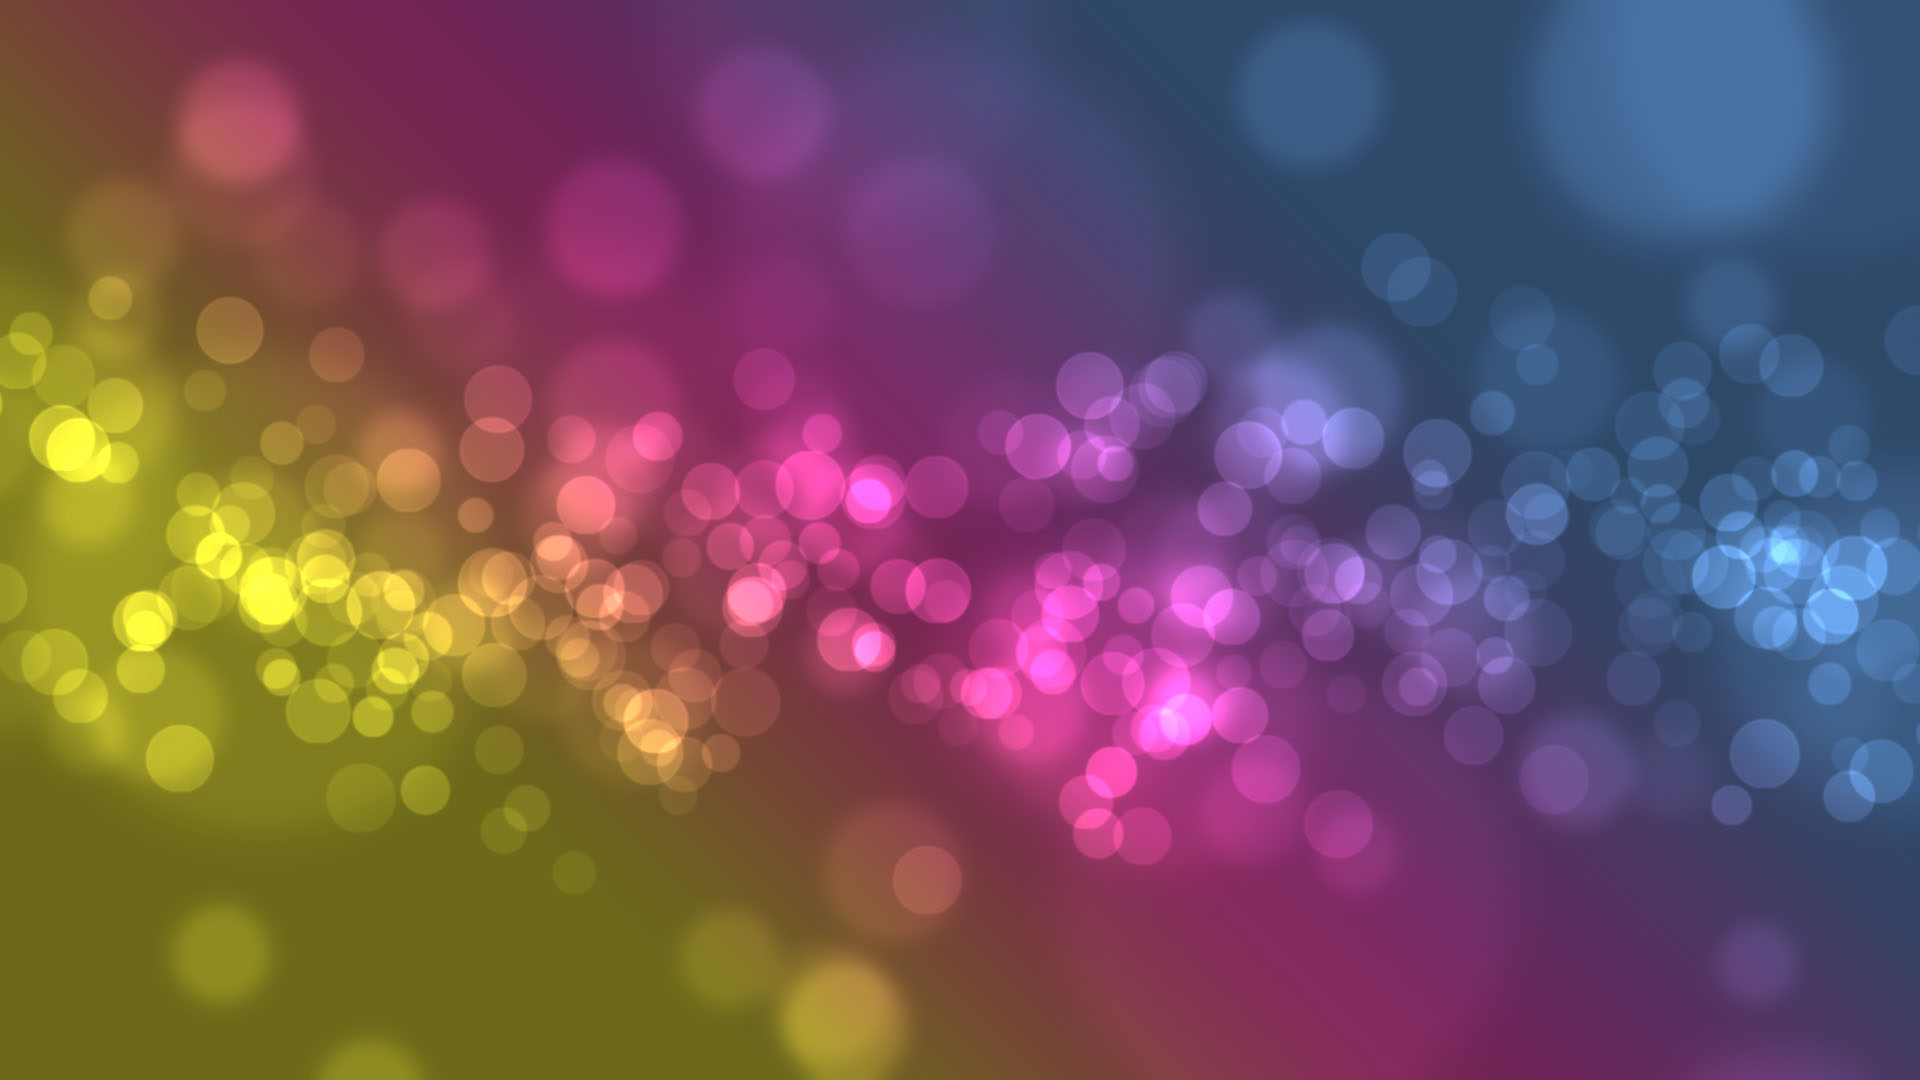 Pretty Background 1920x1080